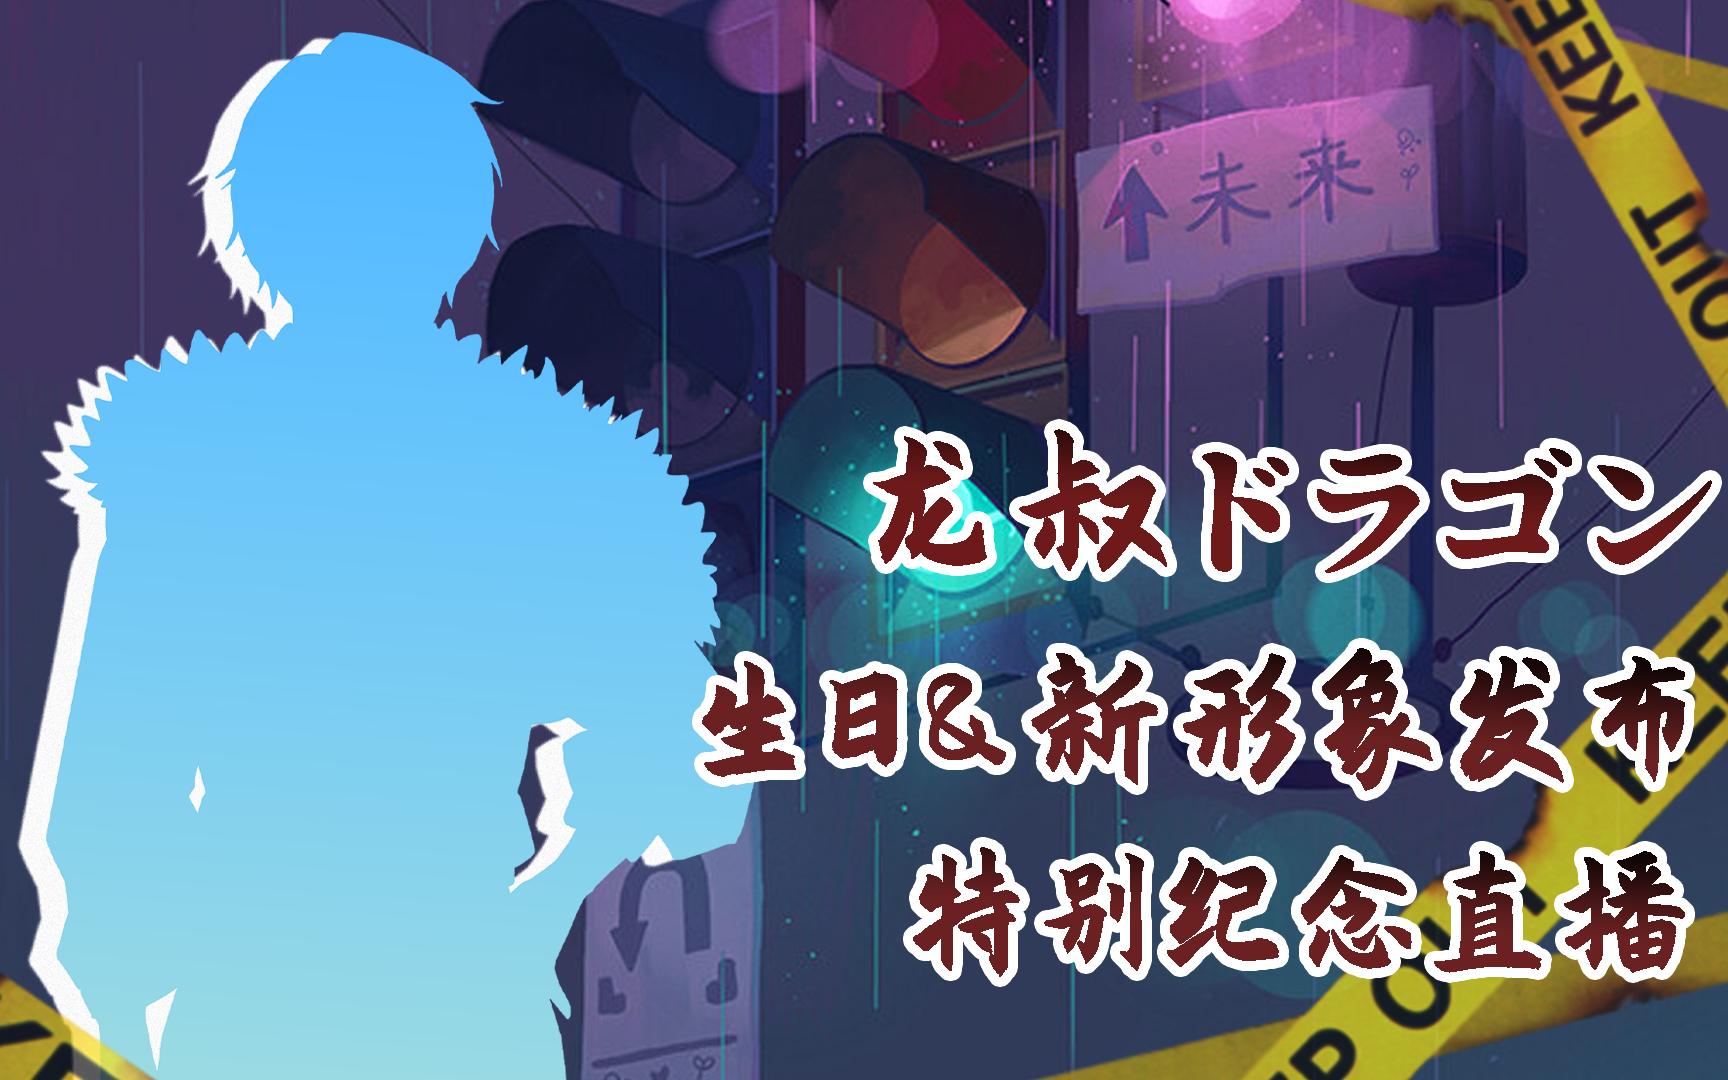 【录播】2021.6.15 生日&新形象发布特别纪念直播